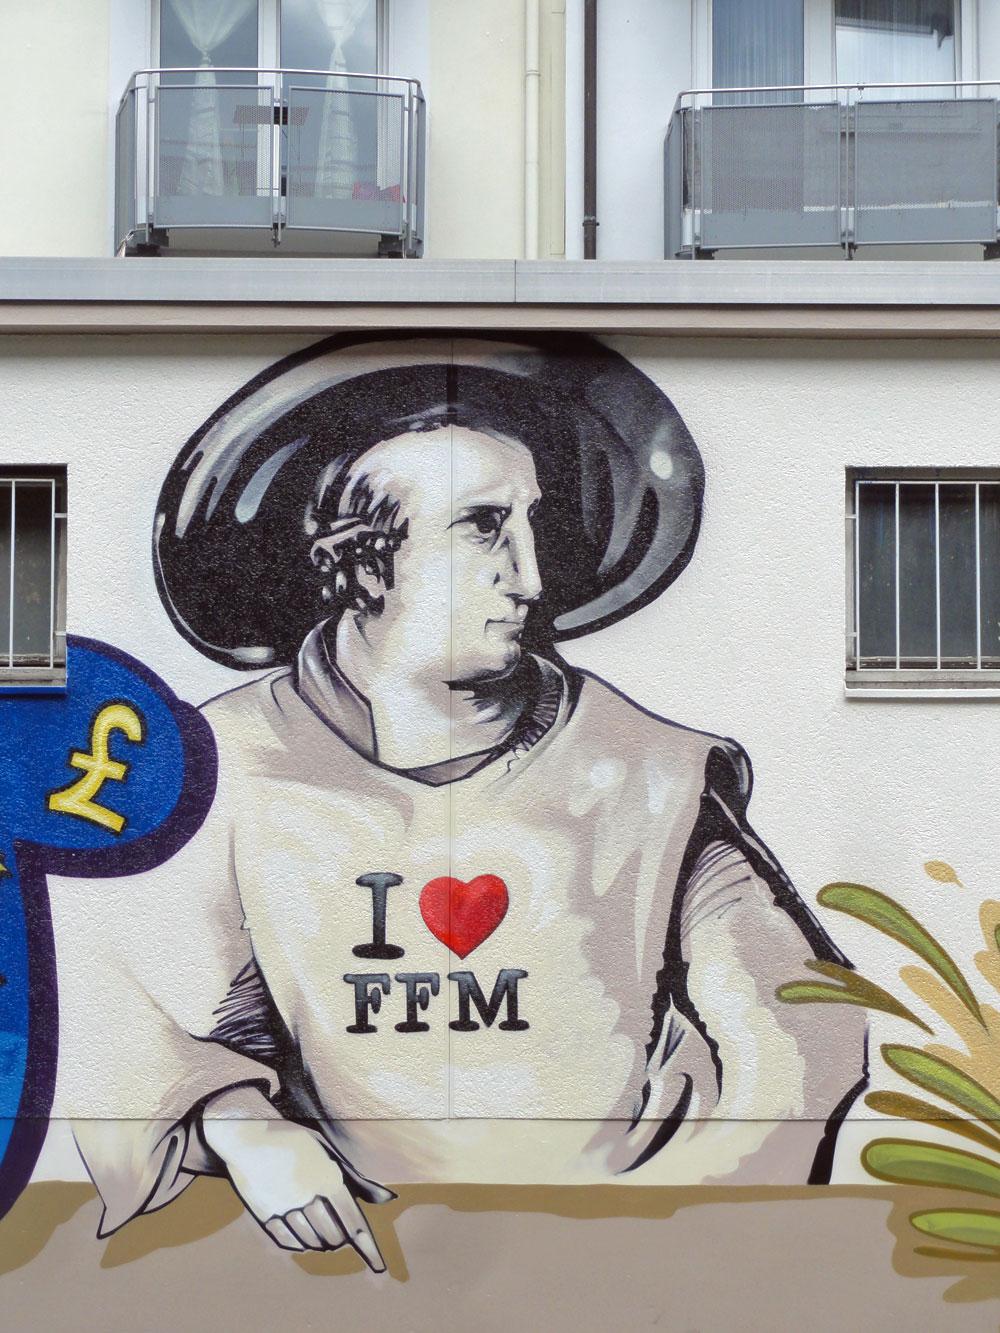 Goethe mit I love FFM - Graffiti an der Kleinmarkthalle in Frankfurt am Main